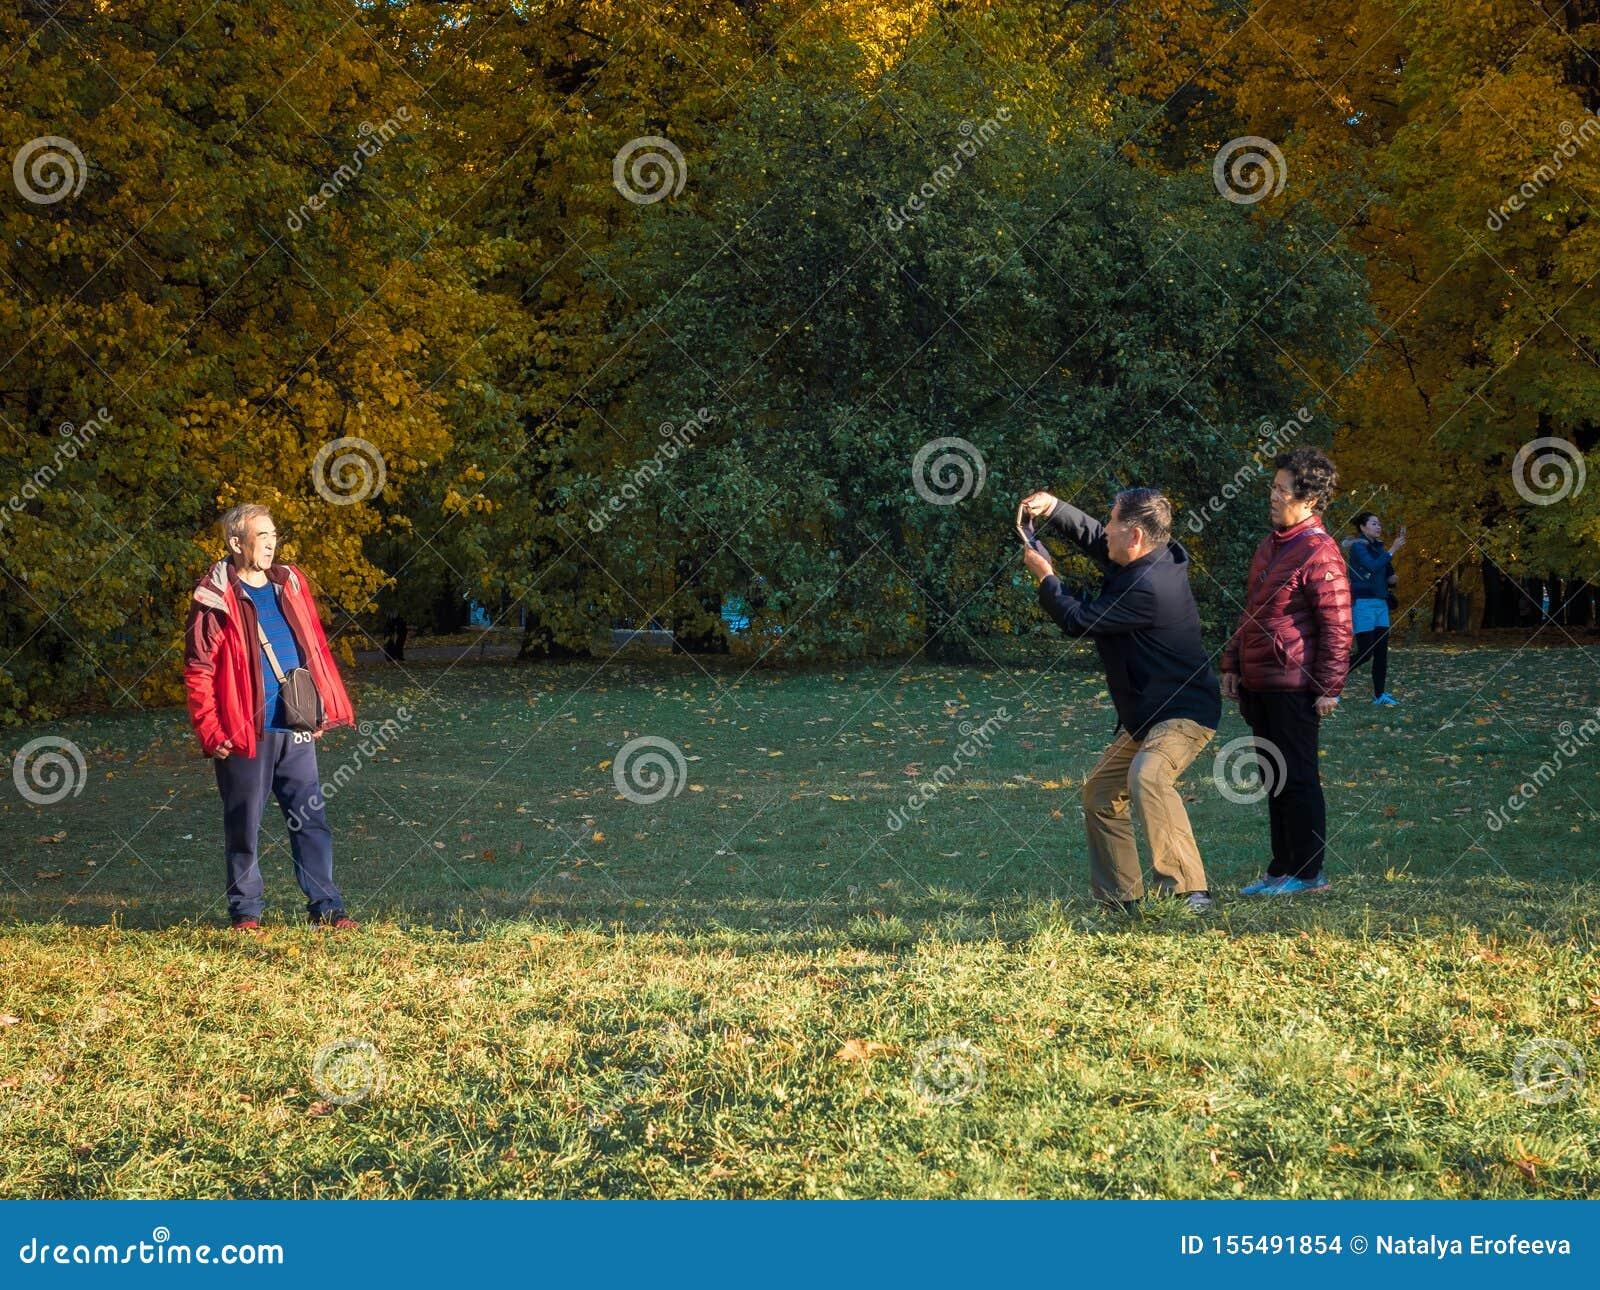 Moscou, Rússia - 11 de outubro de 2018: Os turistas chineses andam o parque do outono Os povos asiáticos idosos tomam imagens no